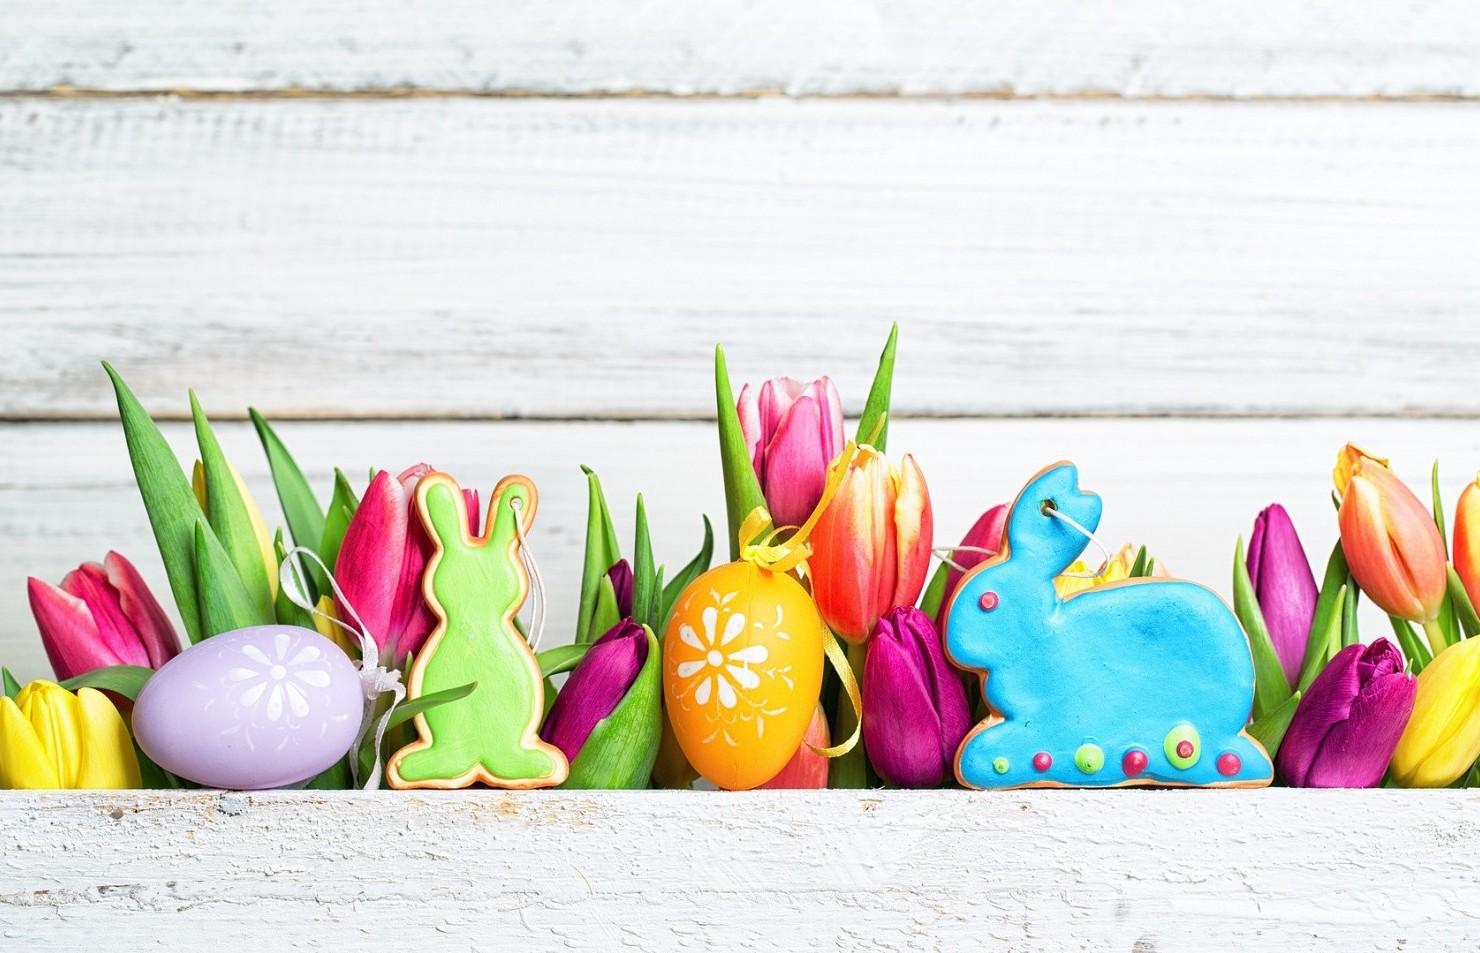 Frasi, immagini Auguri Pasqua originali